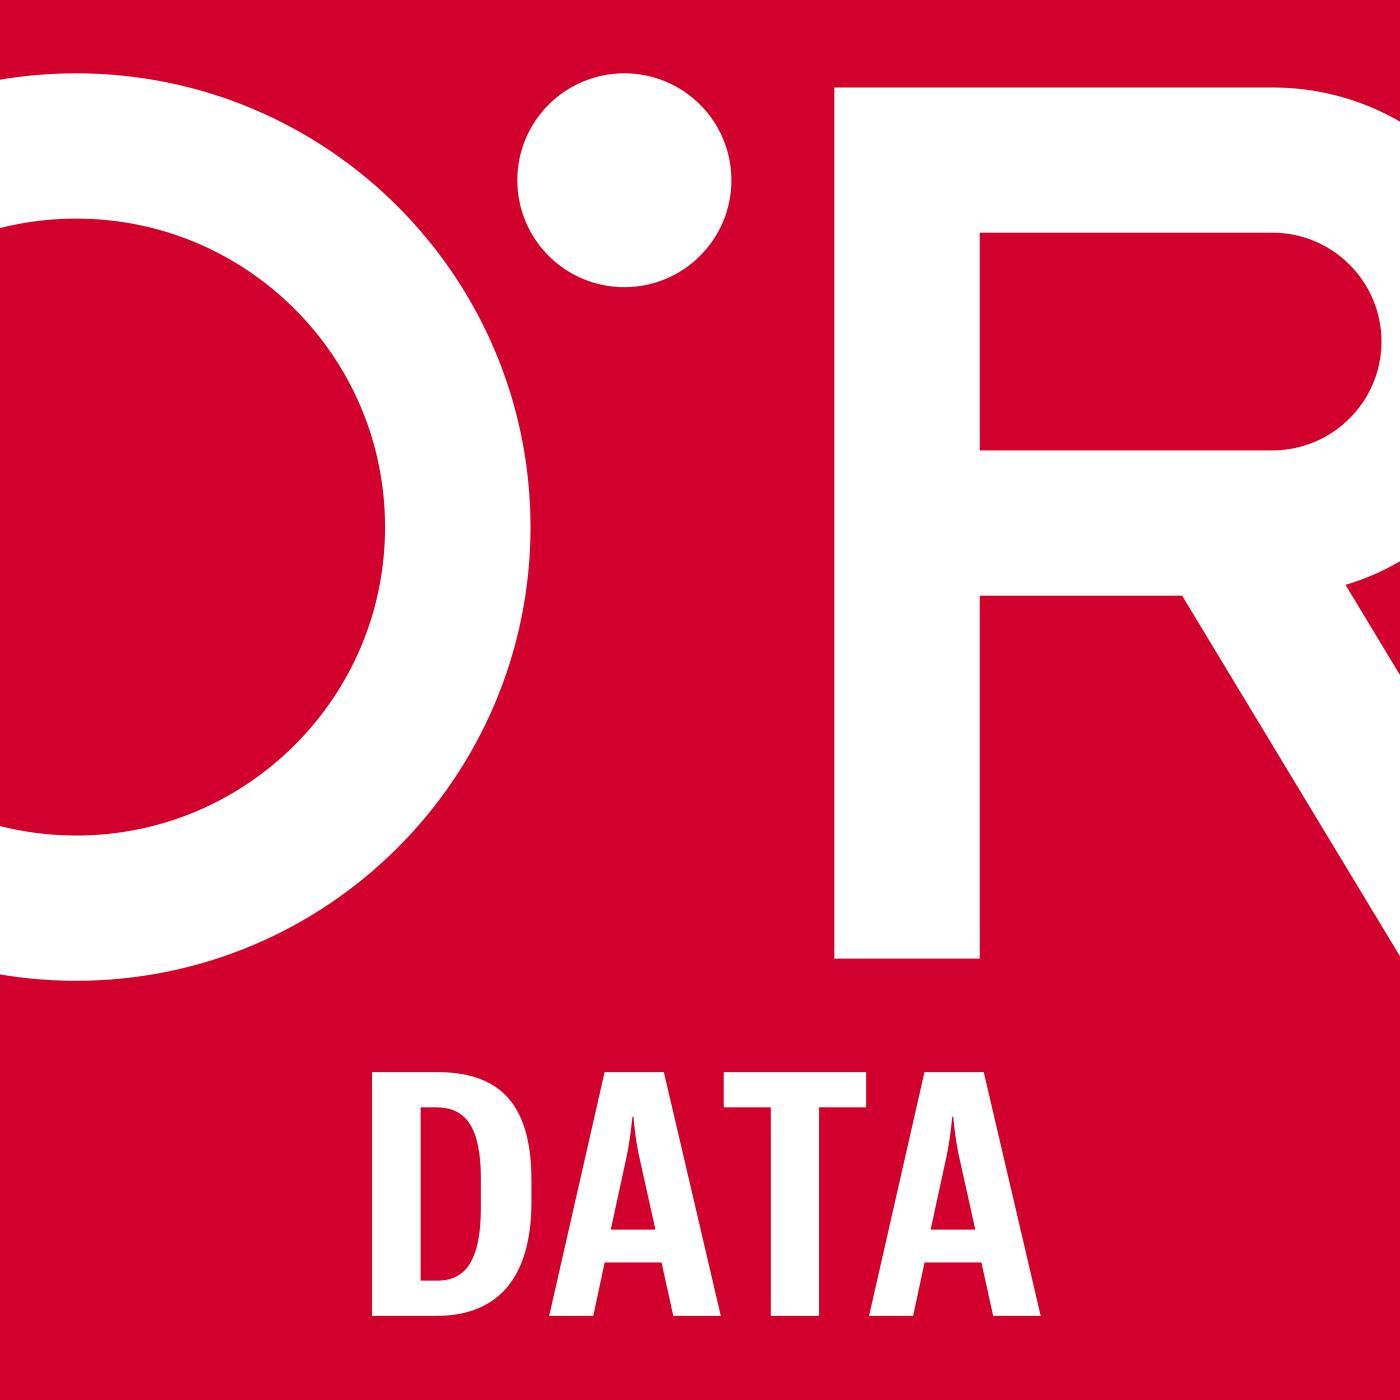 O'Reilly Data Show - O'Reilly Media Podcast - O'Reilly Media